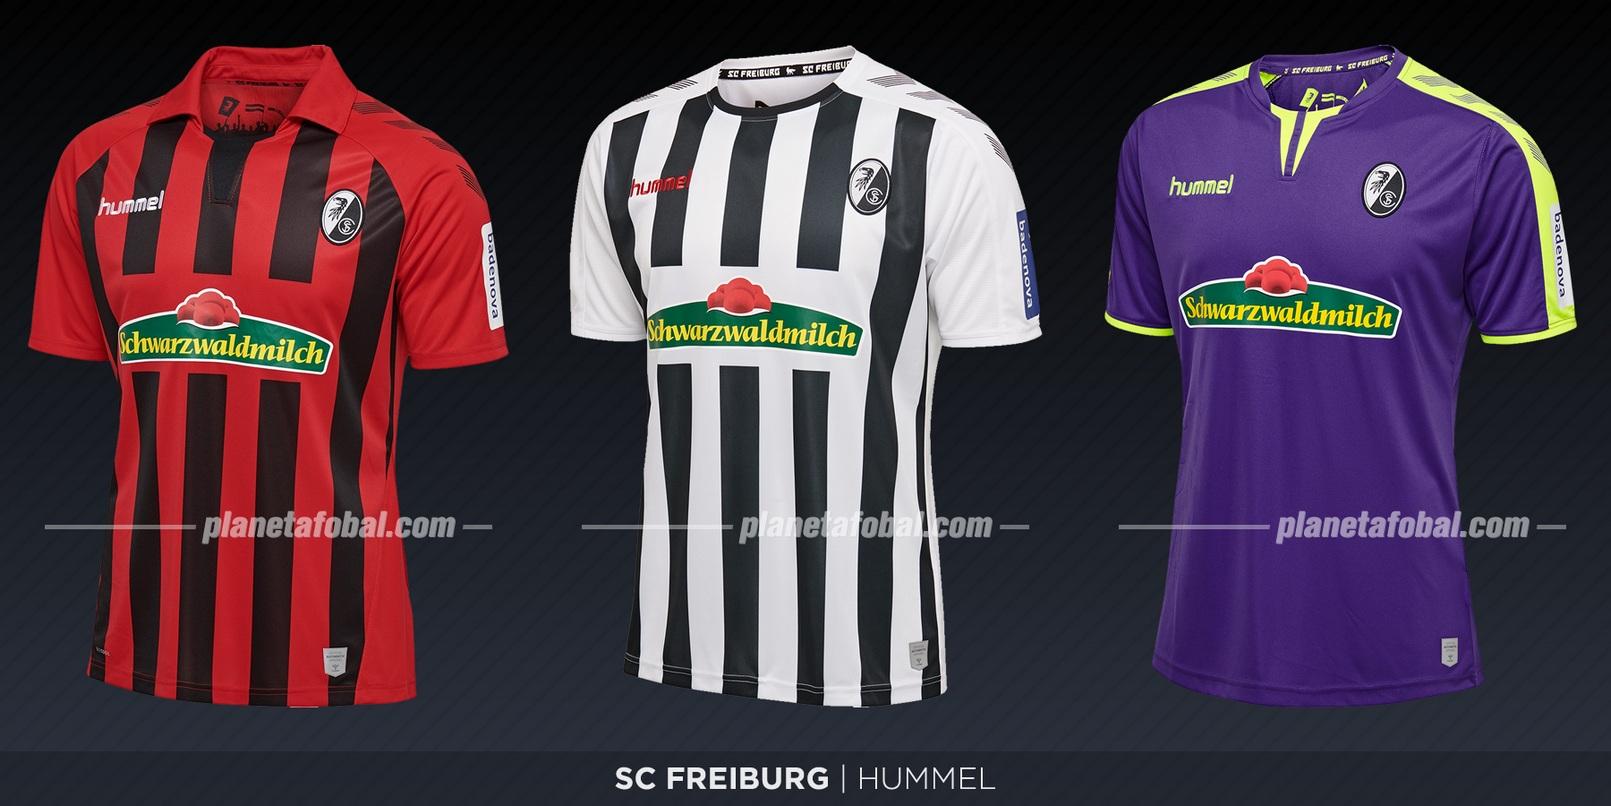 SC Freiburg (Hummel) | Camisetas de la Bundesliga 2019-2020